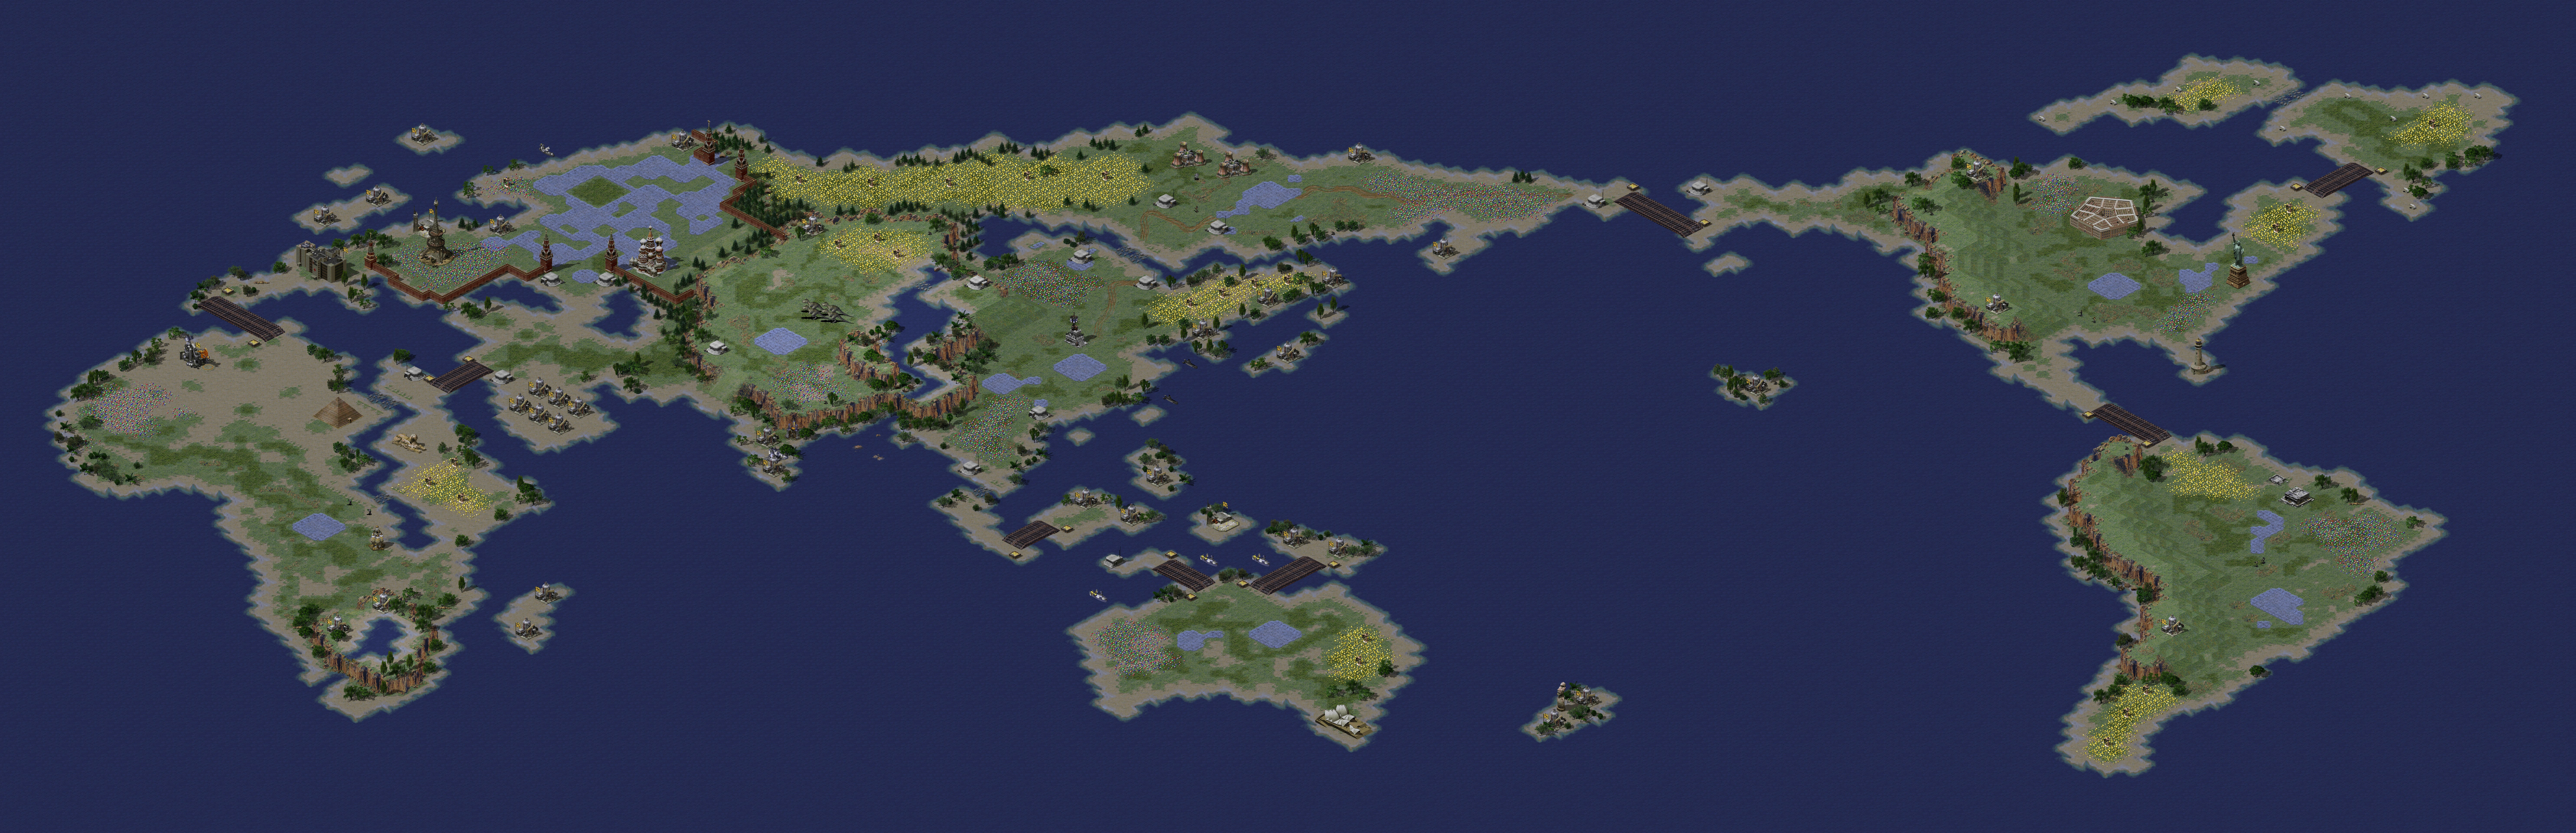 【心灵终结3.3地图】我们的世界-世界地图